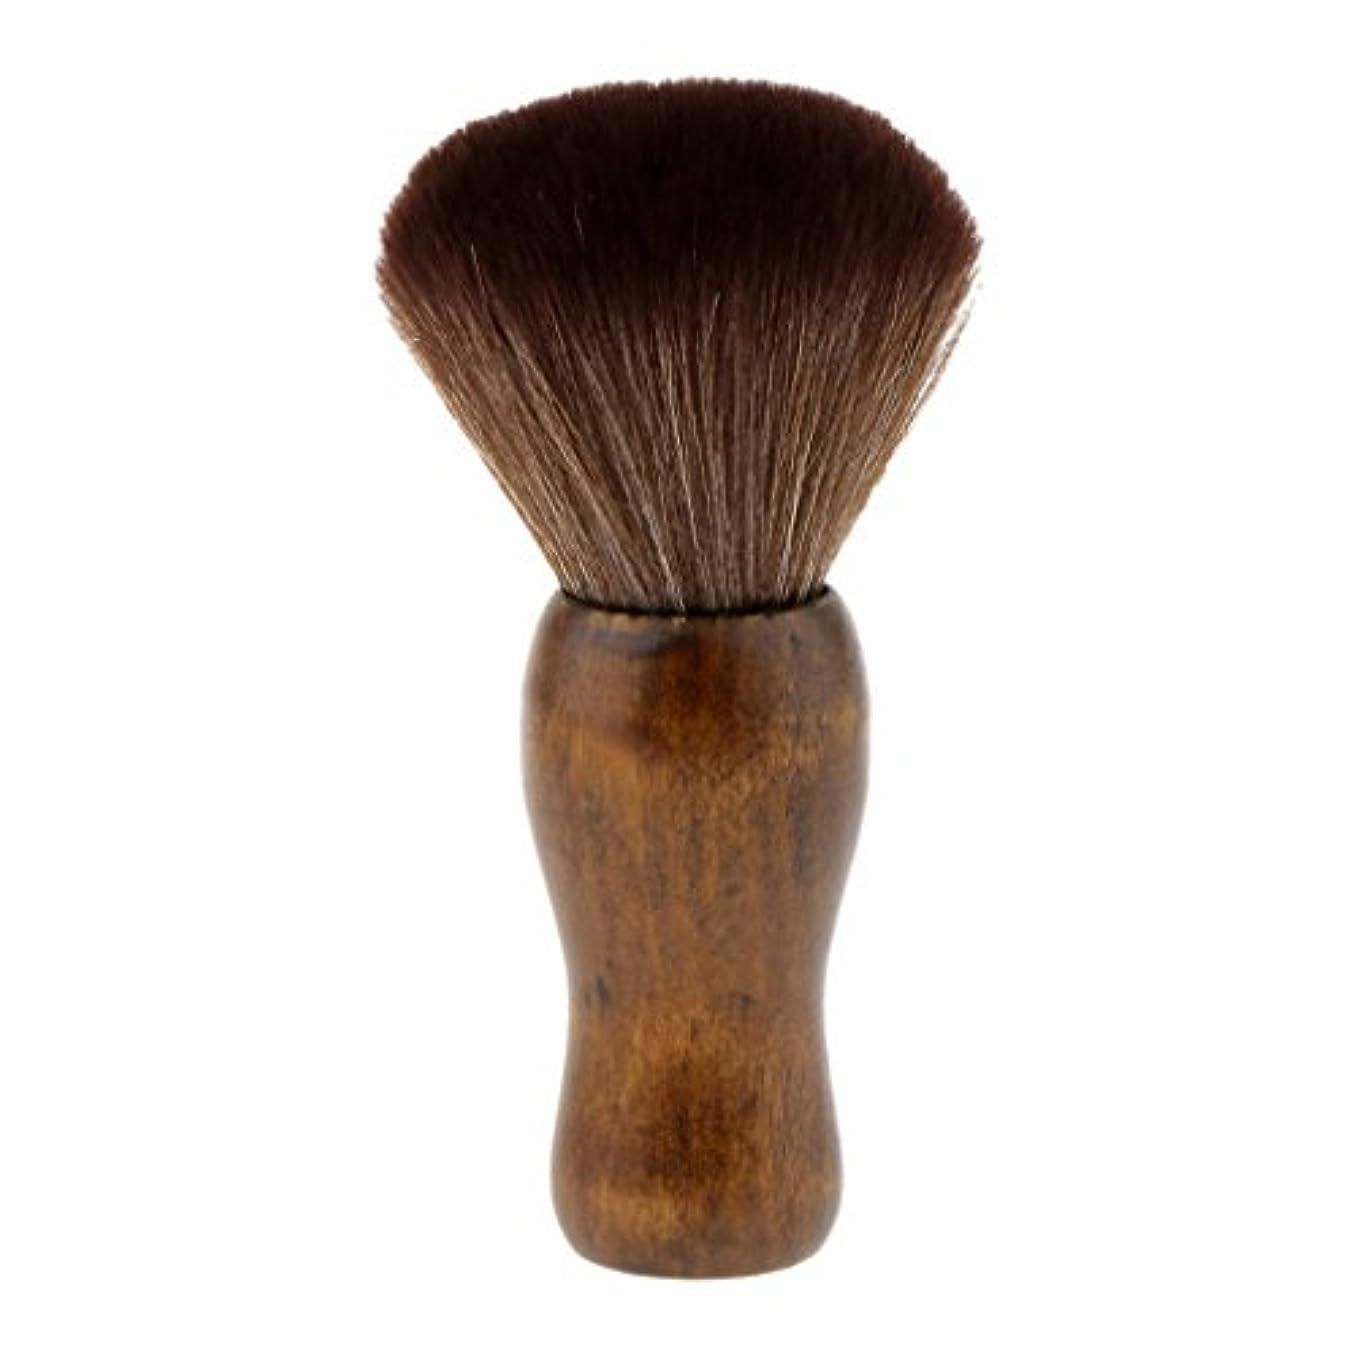 盲目リンケージ分析Homyl シェービングブラシ シェービング 洗顔 ブラシ メイクブラシ ソフト 快適 シェービングツール 2色選べる - 褐色